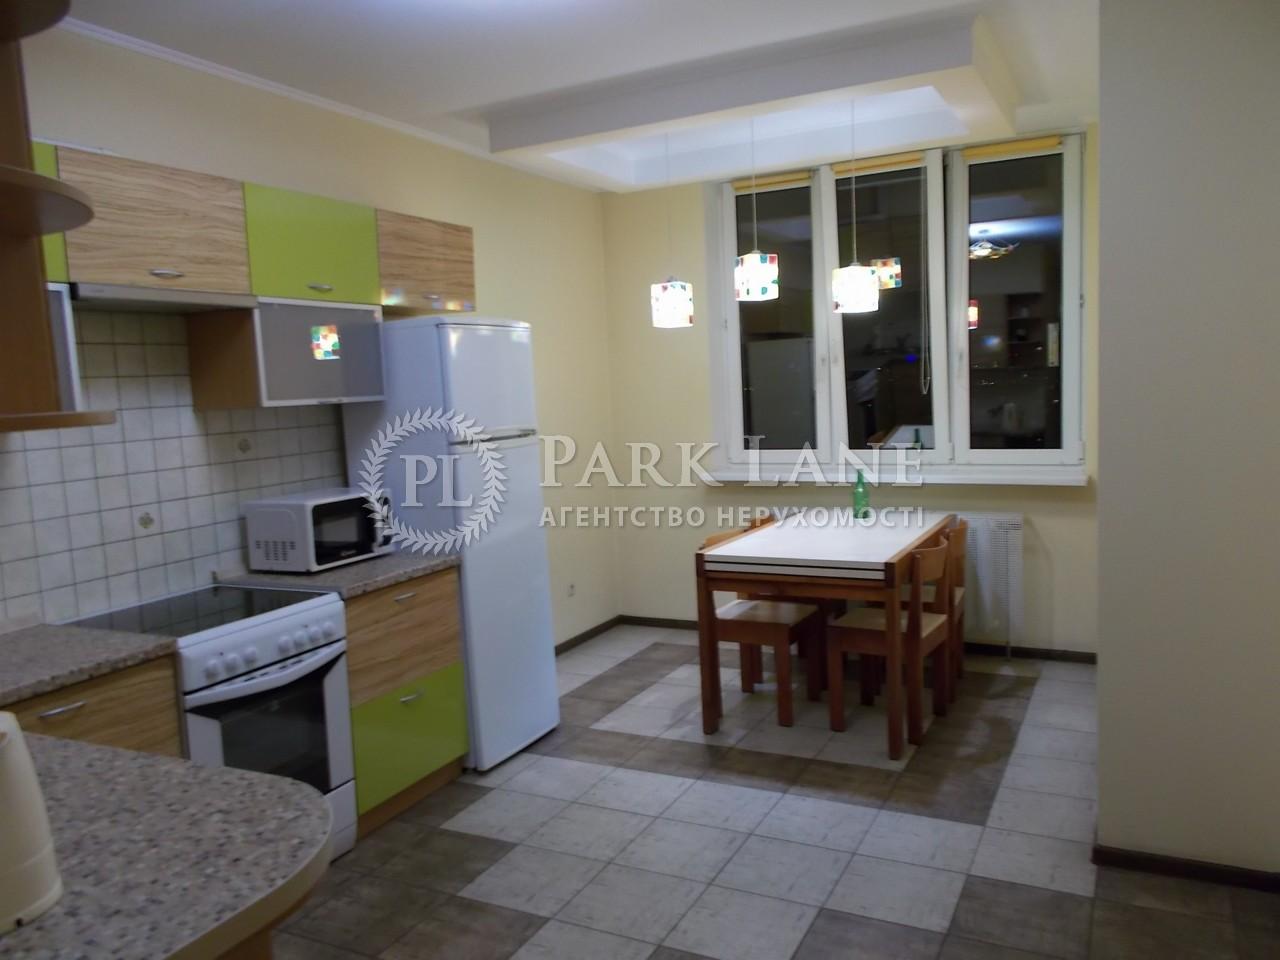 Квартира вул. Срібнокільська, 1, Київ, M-11279 - Фото 9